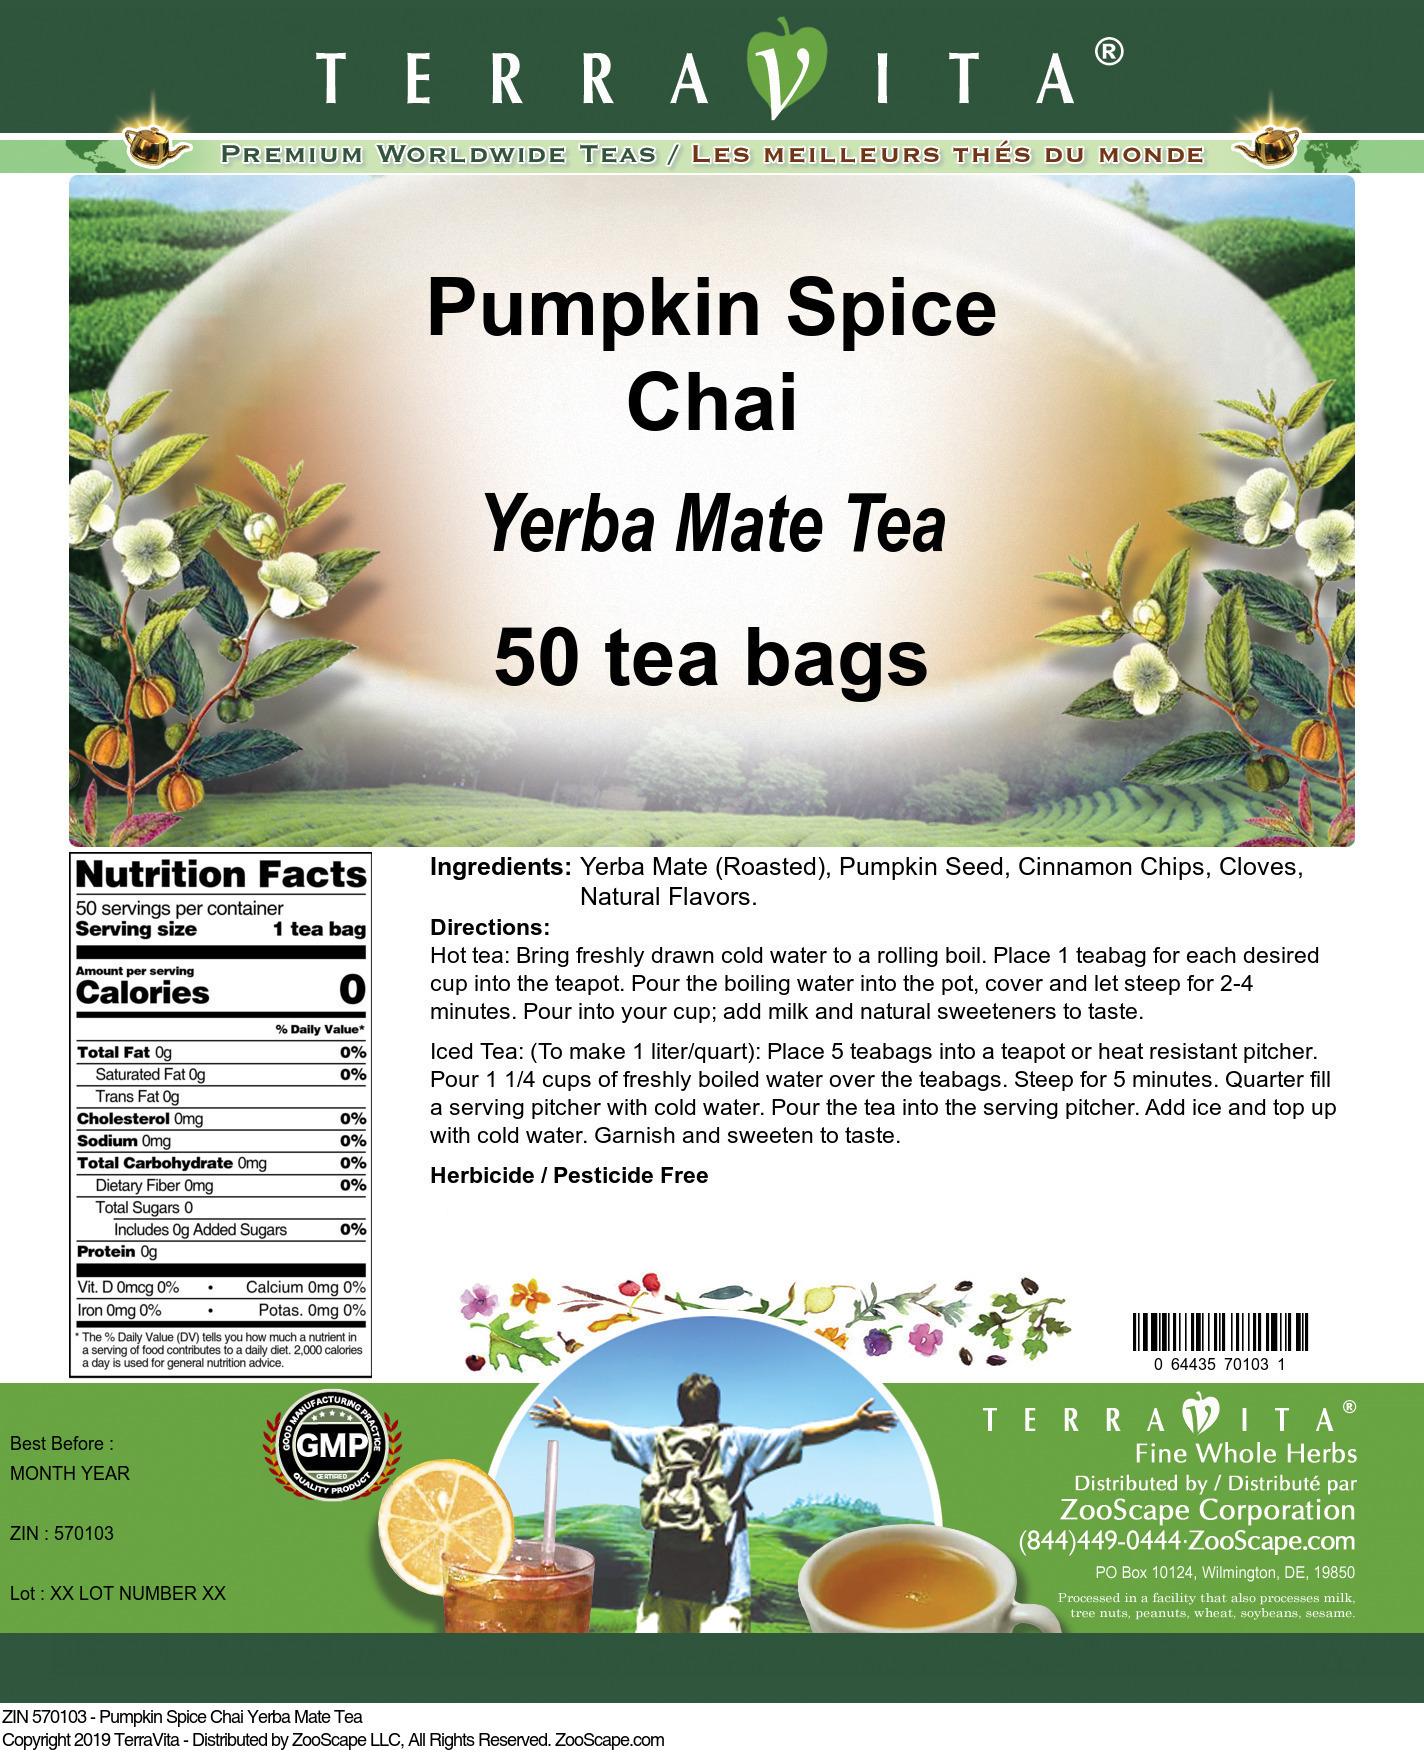 Pumpkin Spice Chai Yerba Mate Tea